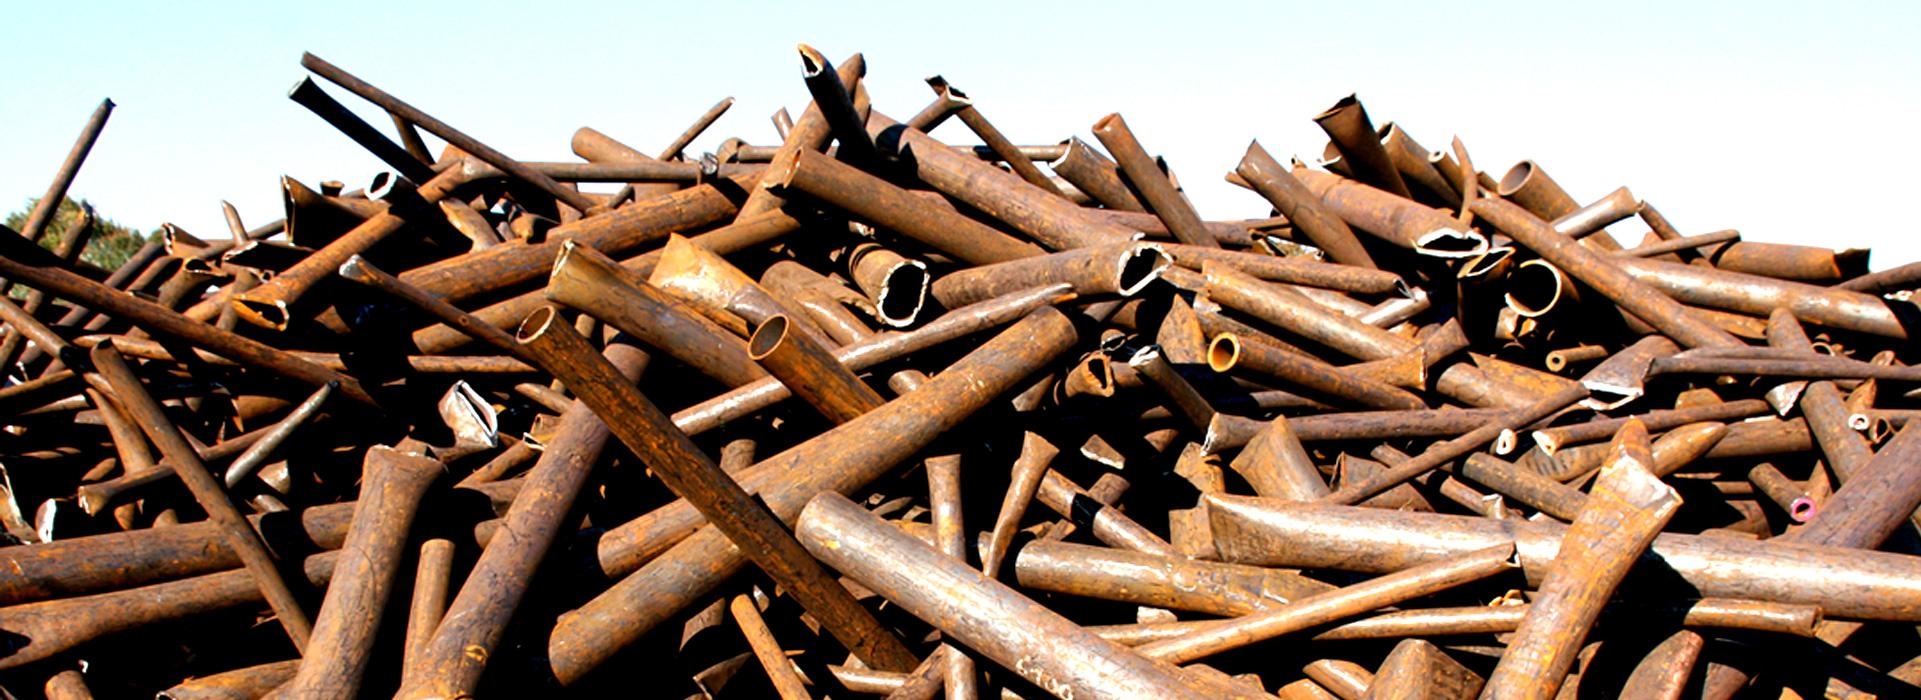 scrap copper in dubai